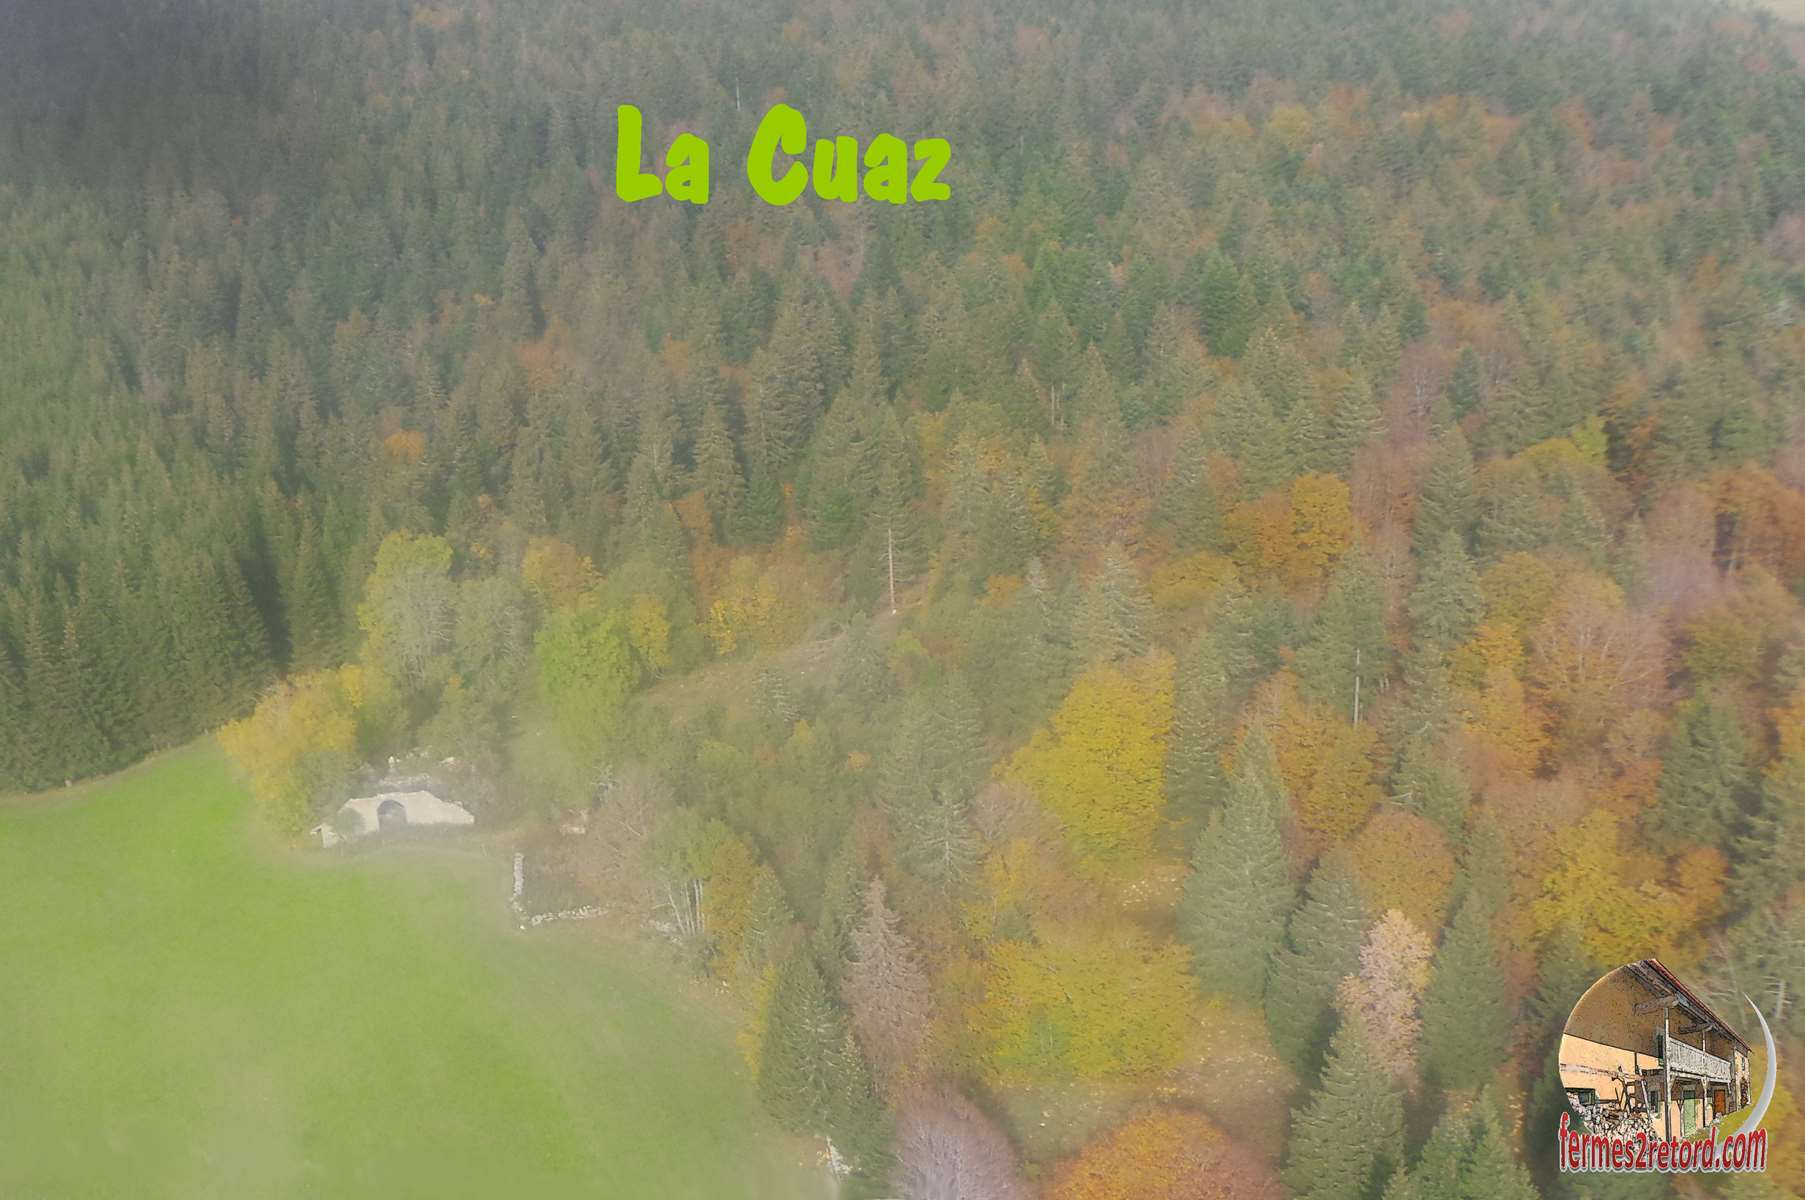 La Cuaz.jpg